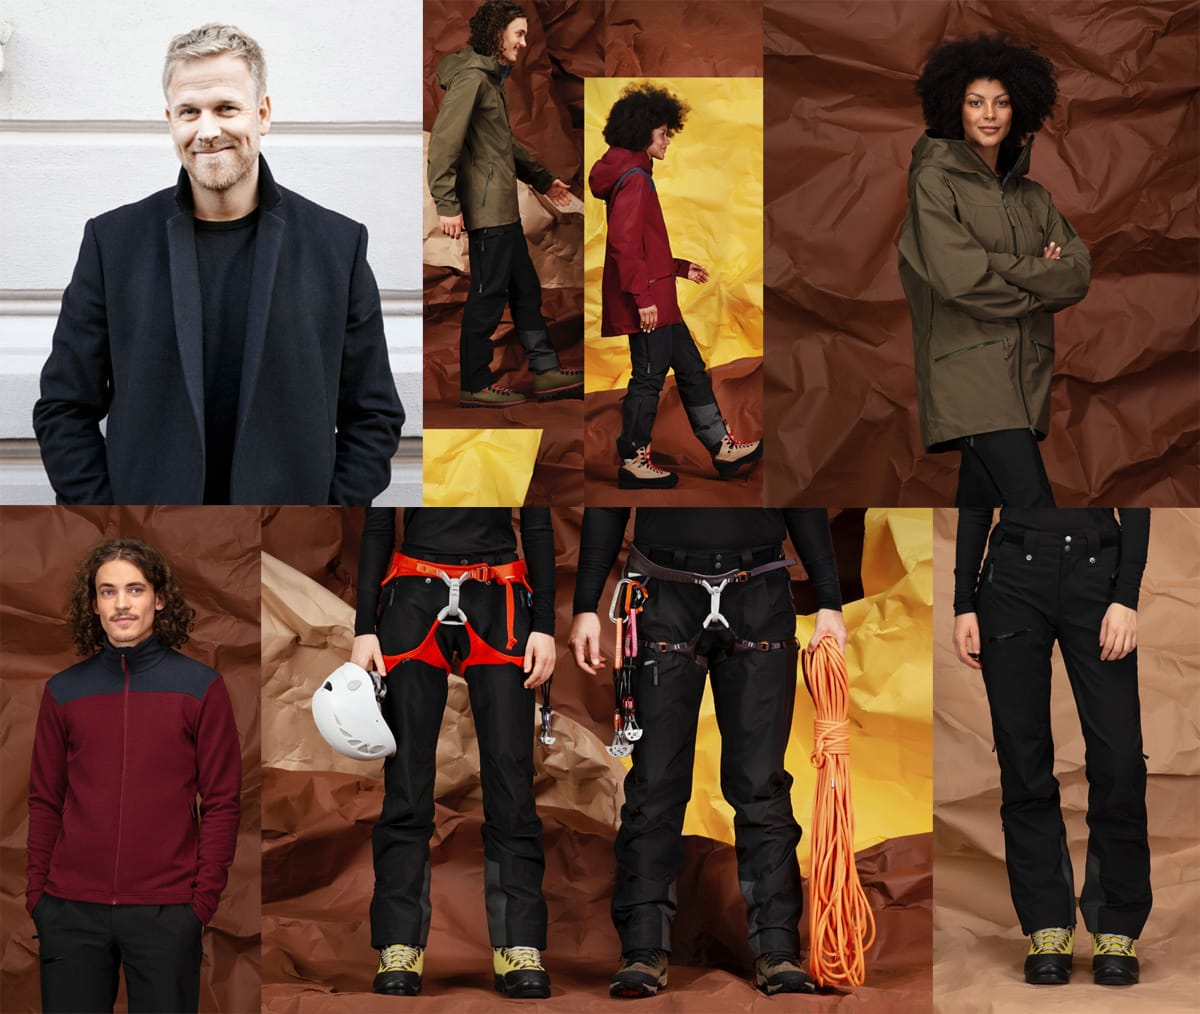 RELANSERING: Frode Grønvold (øverst til venstre) er sjefen når Norrøna lanserer Whiteout for andre gang - noen av produktene til Norrønas «sideprosjekt» ser du på de andre bildene.